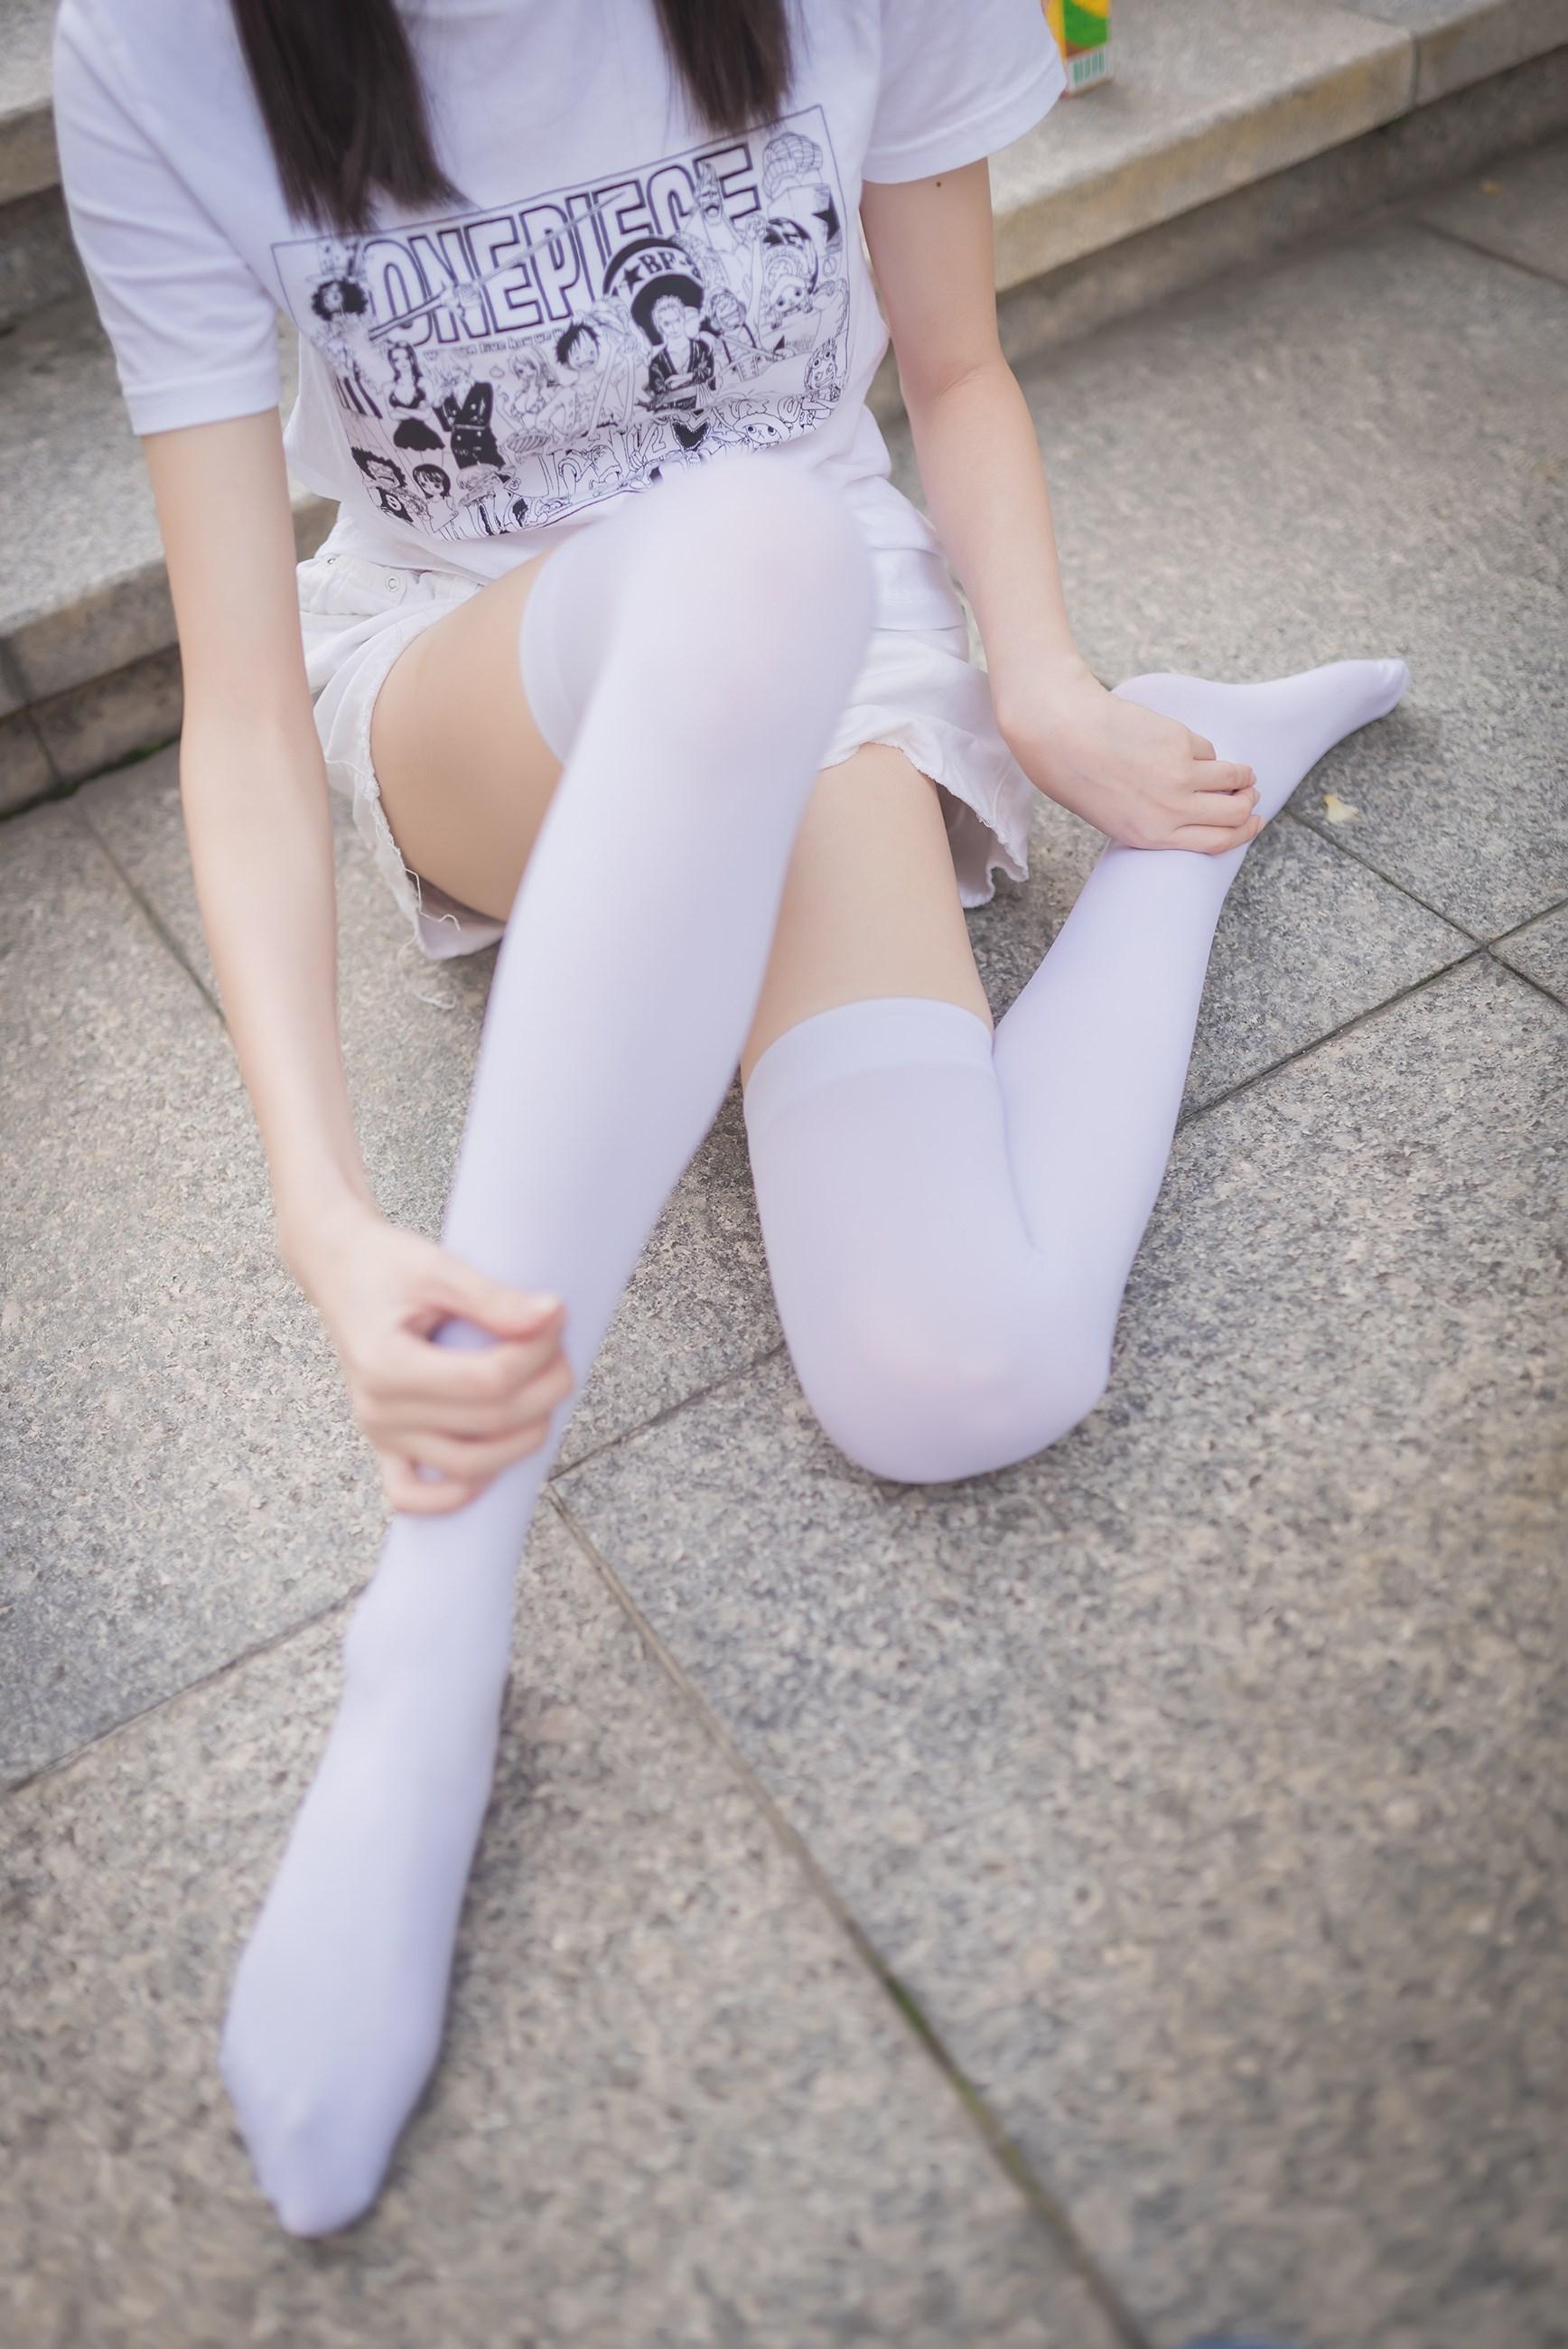 【兔玩映画】白丝过膝袜 兔玩映画 第5张